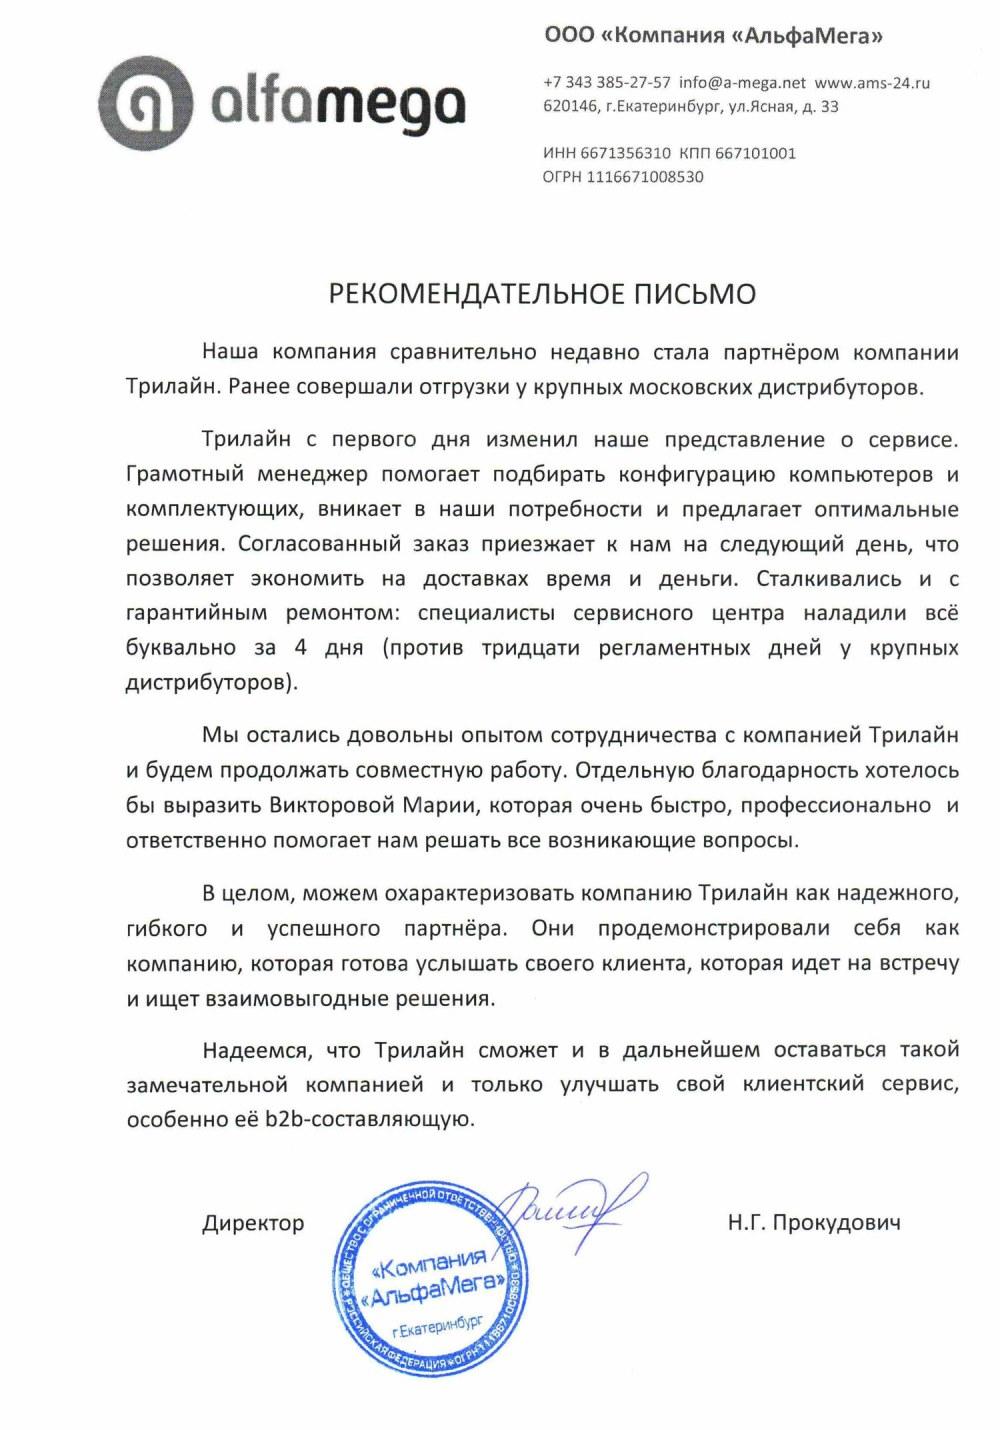 ООО Компания АльфаМега